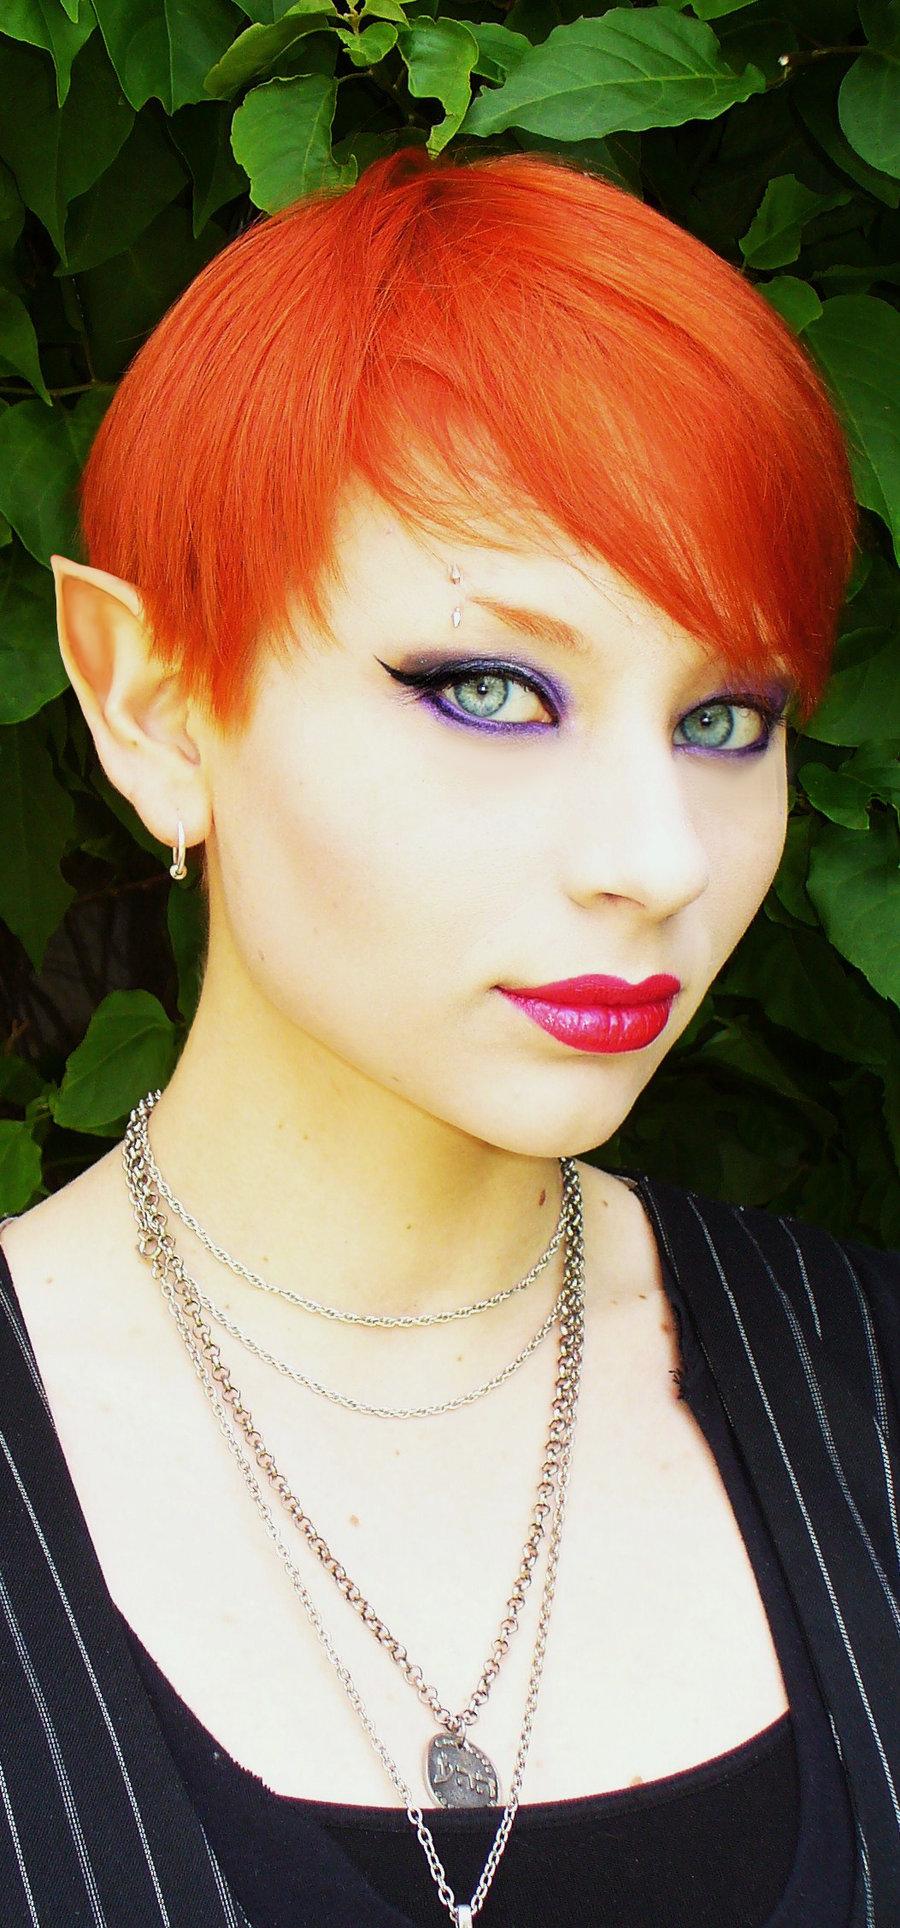 красивая девушка, эльфийка, красновлосая, фото